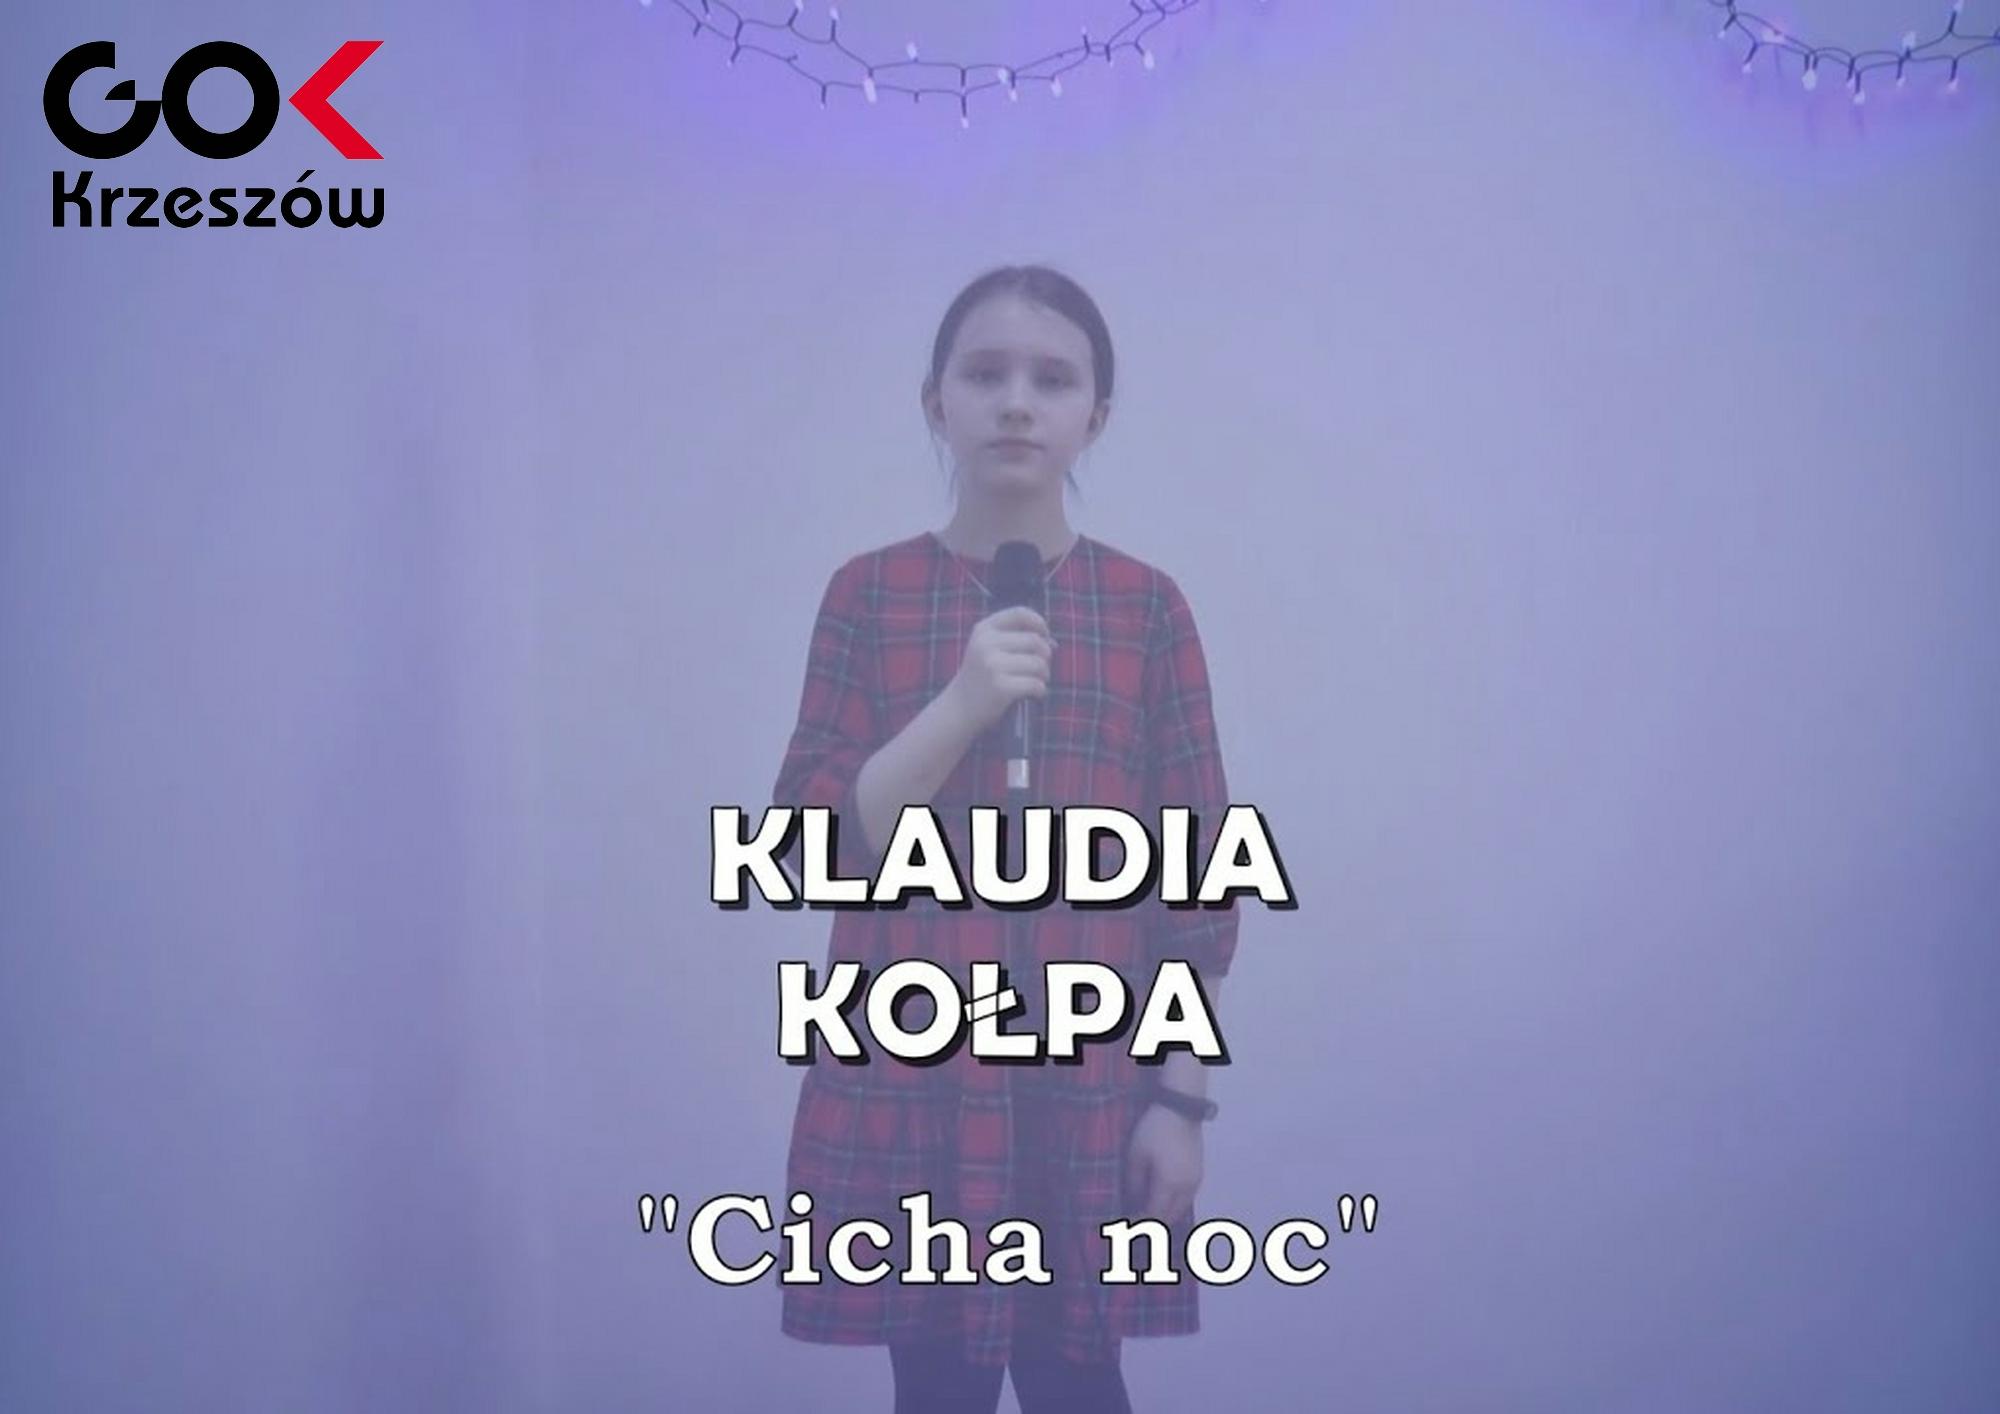 Klaudia Kołpa